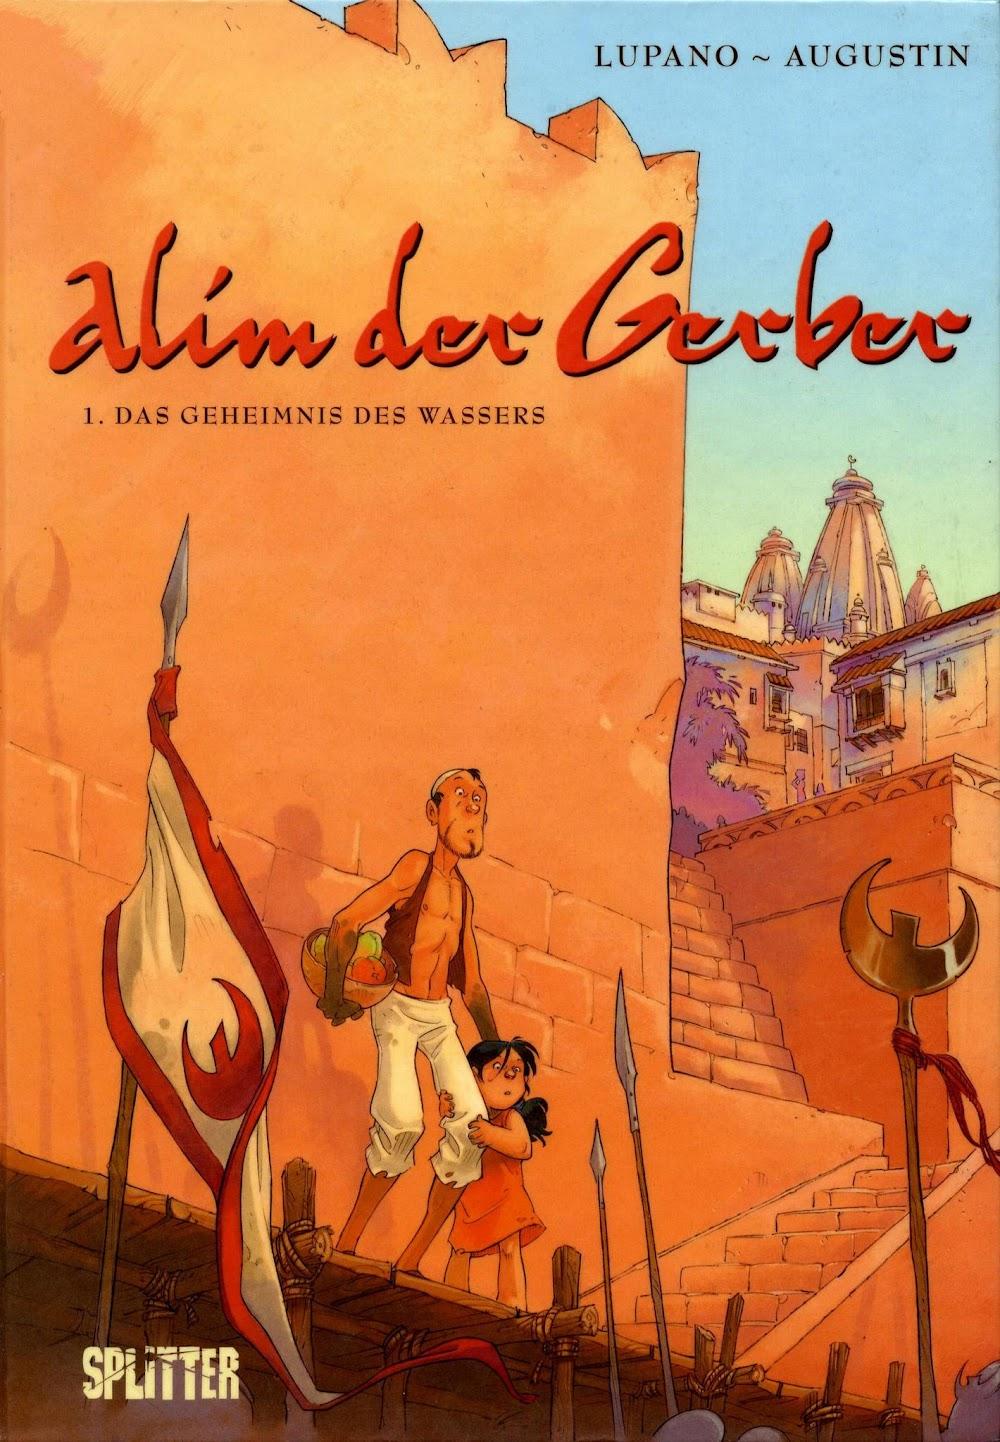 Alim der Gerber (2009) - komplett